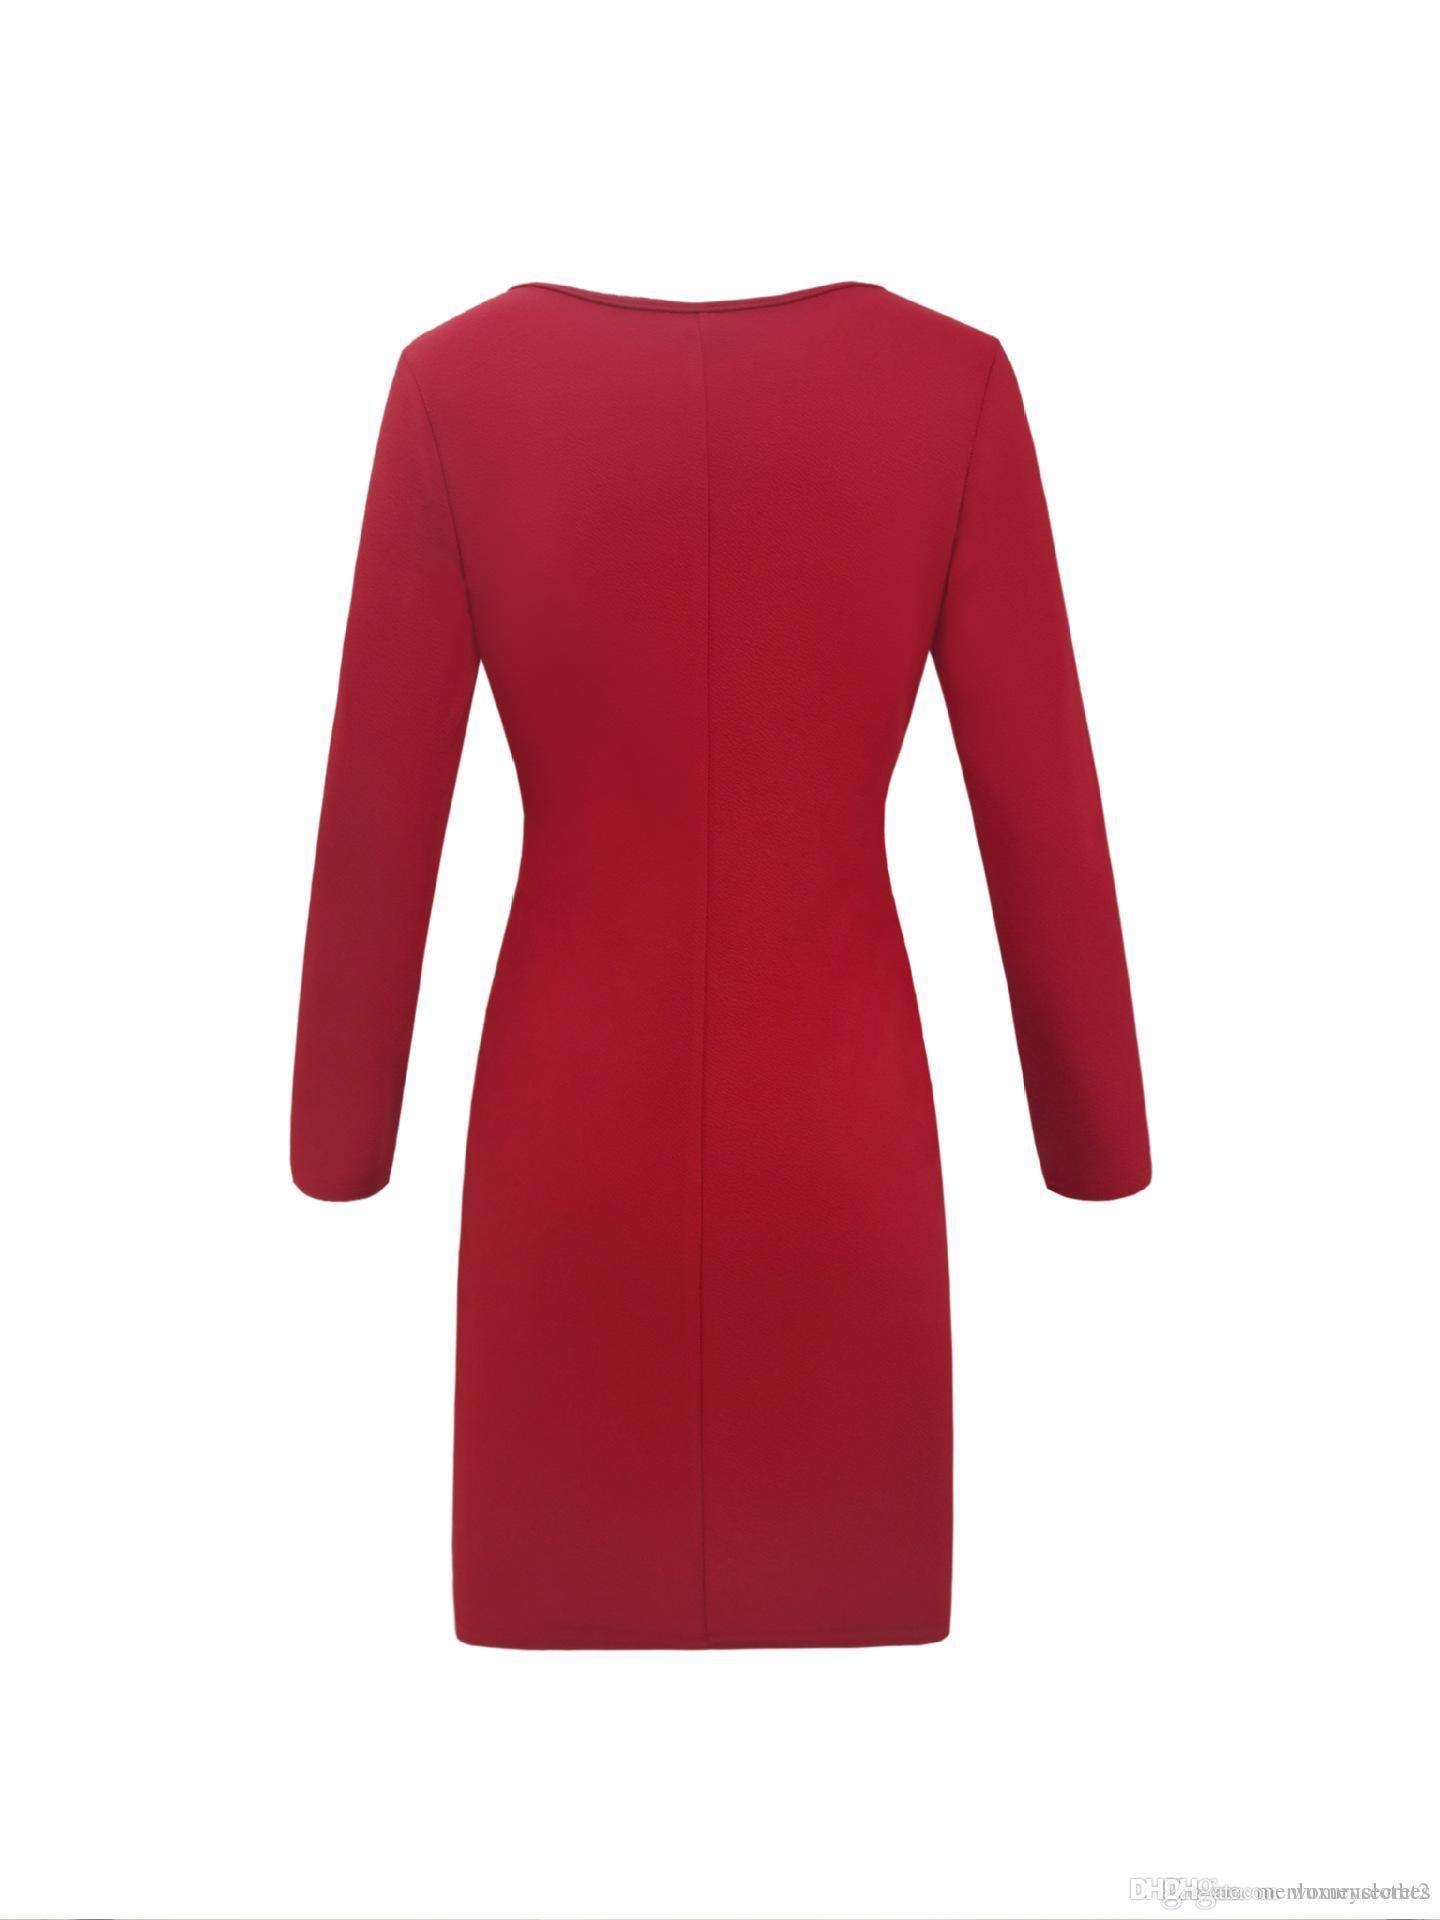 Женская осень Bodycon платье Глубокий V-образный вырез Sexy Пуговица Дизайнер одежда Карандаш платье Работа OL